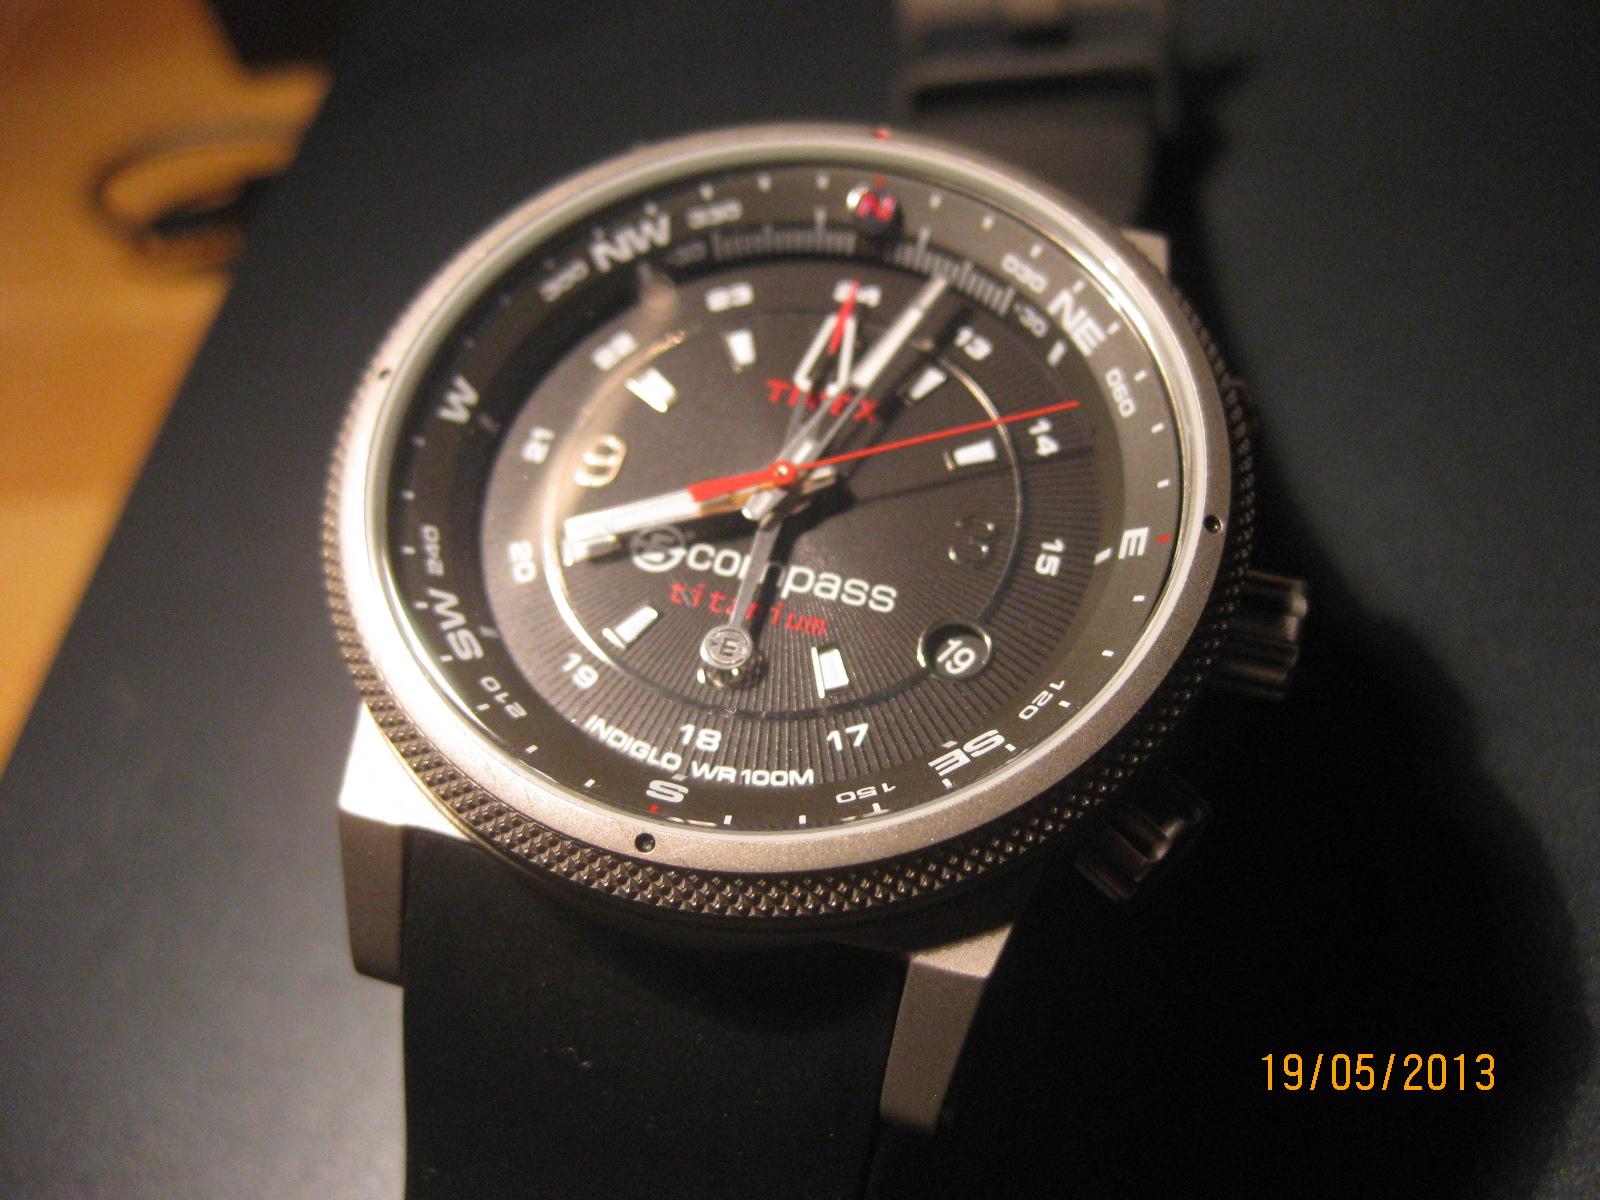 E Compass